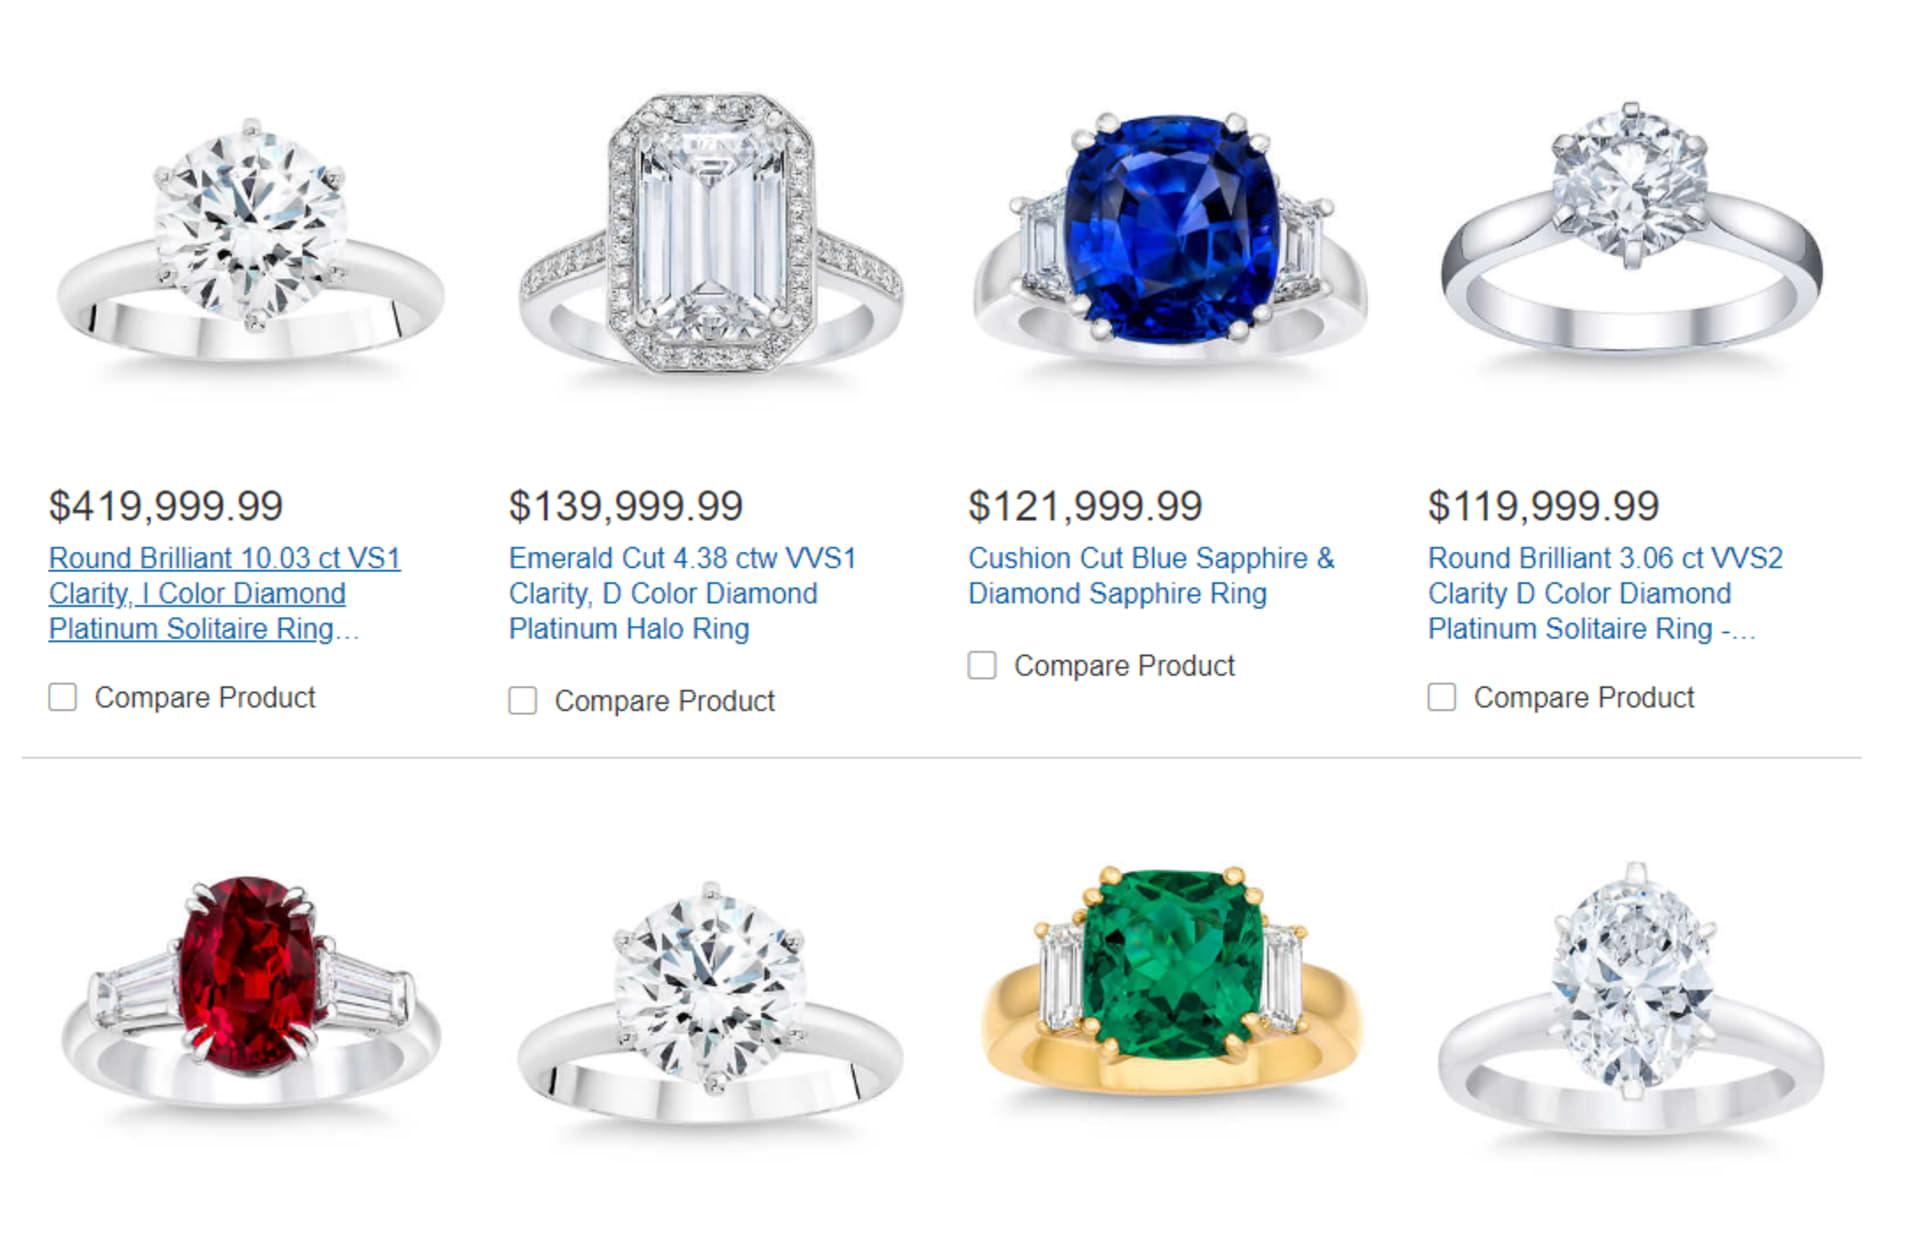 Costco sold someone a $400,000 diamond ring 105942431-1559307142908costcoring2